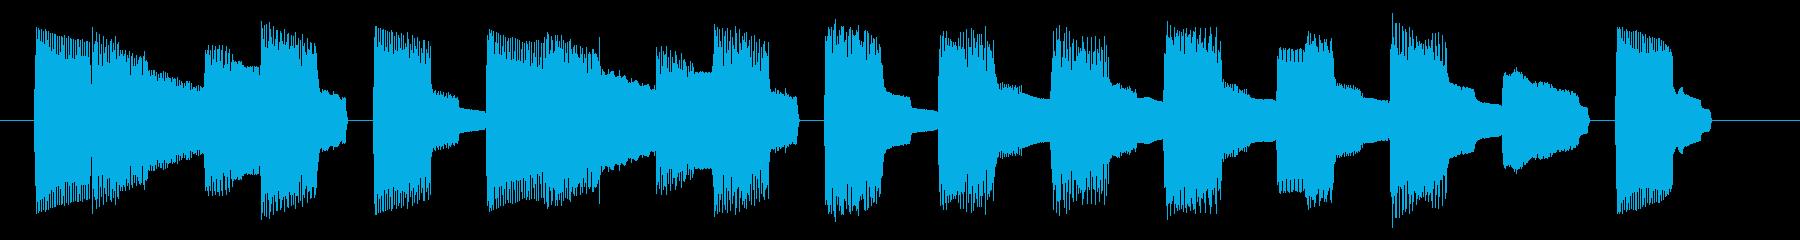 NES スポーツ A03-3(ミス1)の再生済みの波形